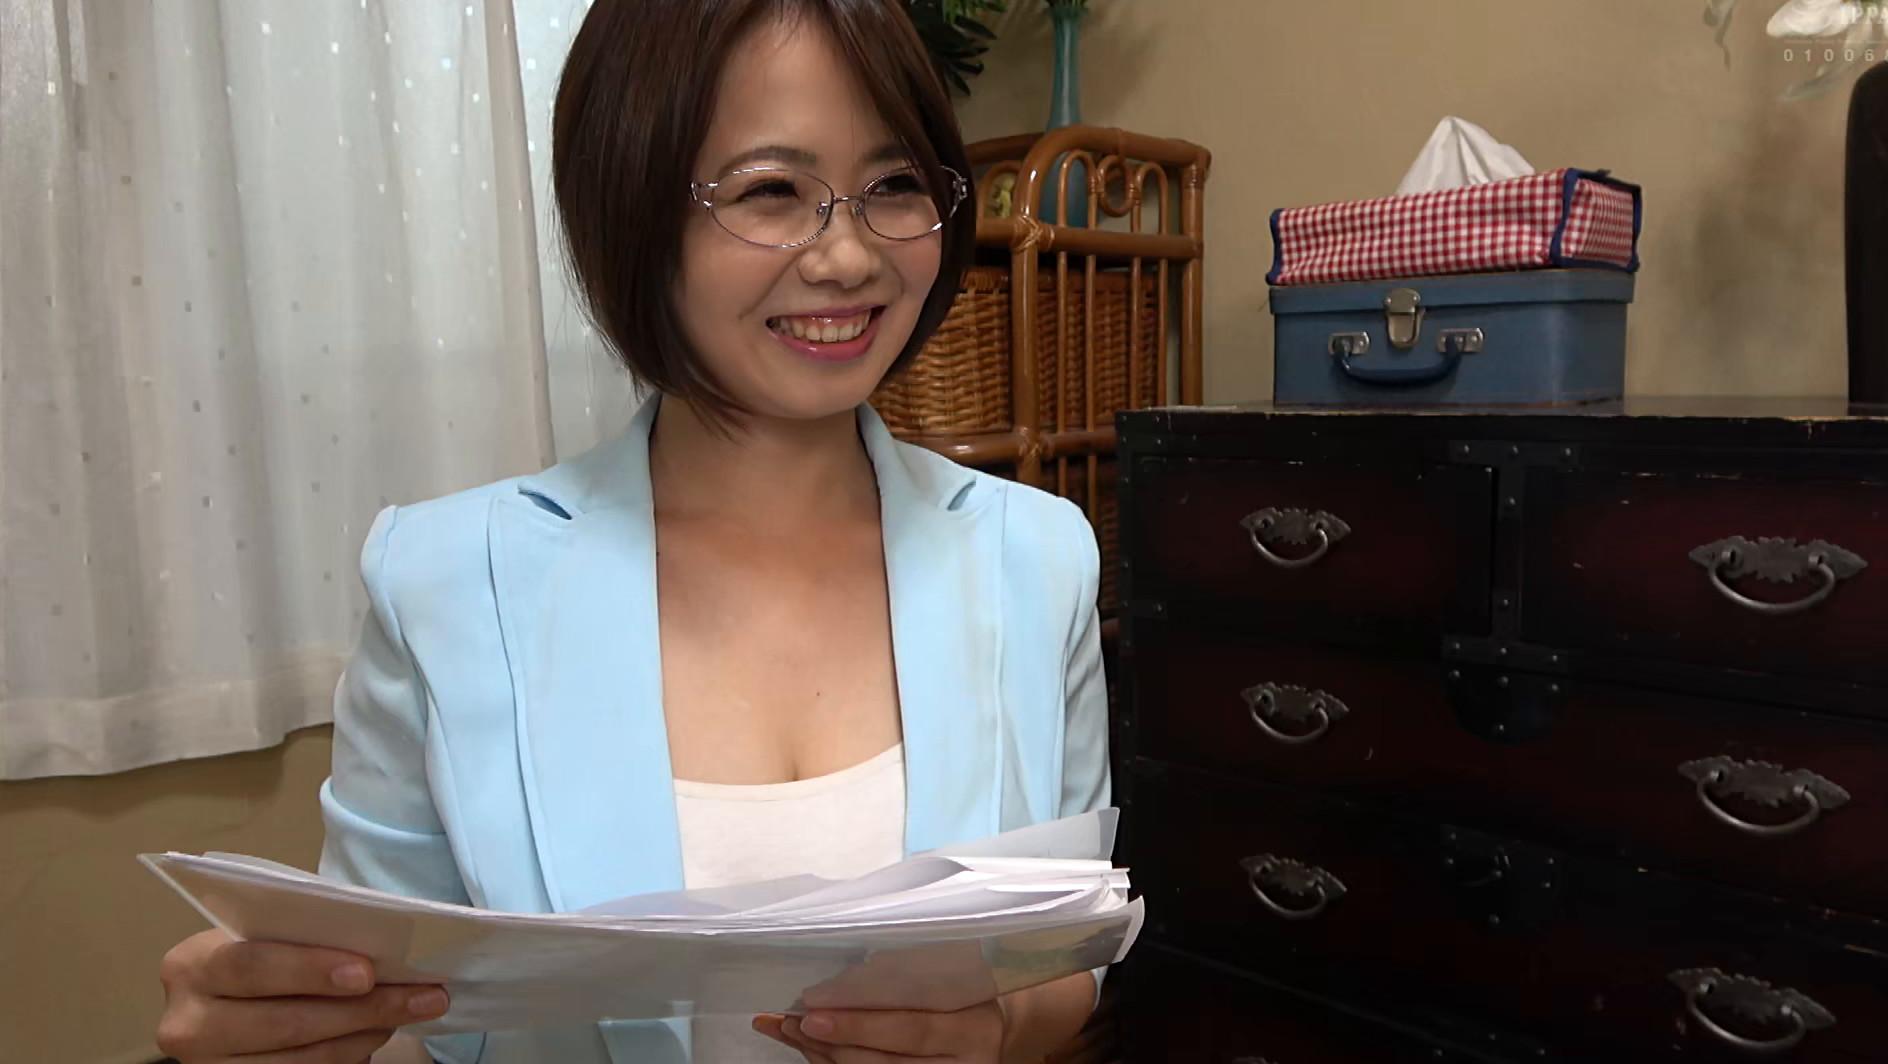 独り暮らしの男性に枕営業で契約をGETするデカパイ営業レディ 赤瀬尚子,のサンプル画像9